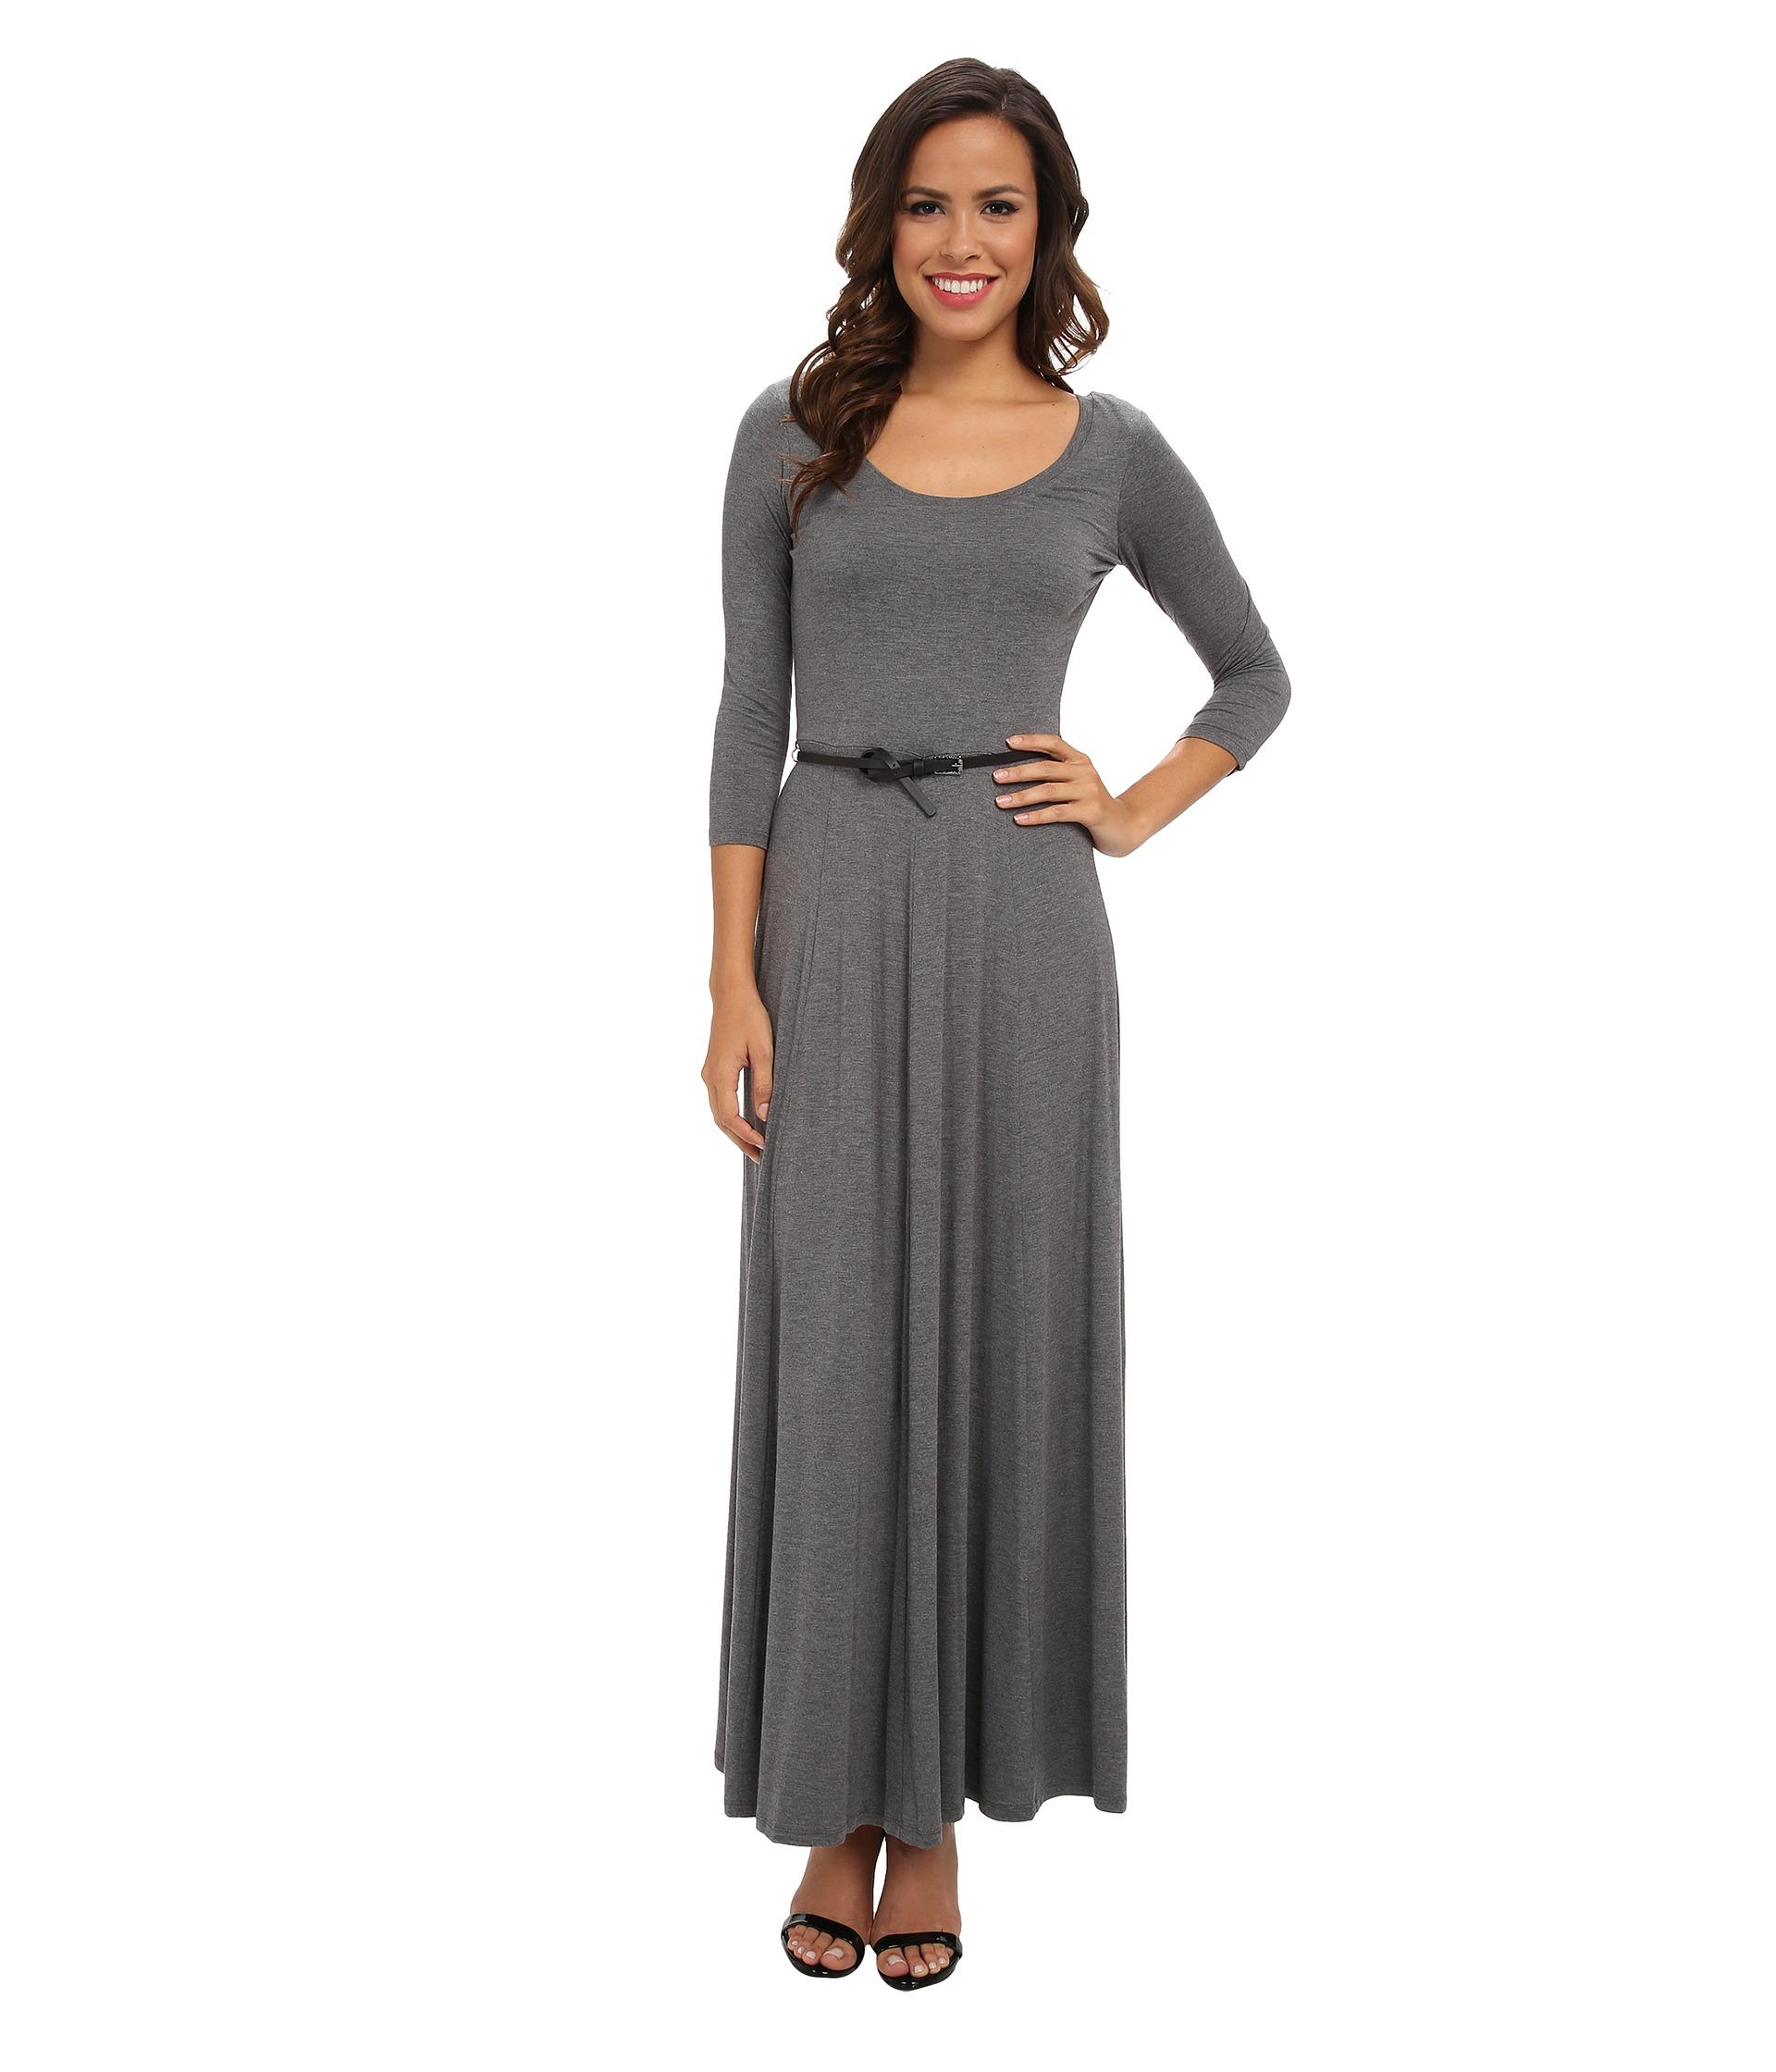 Gray Rayon Dress